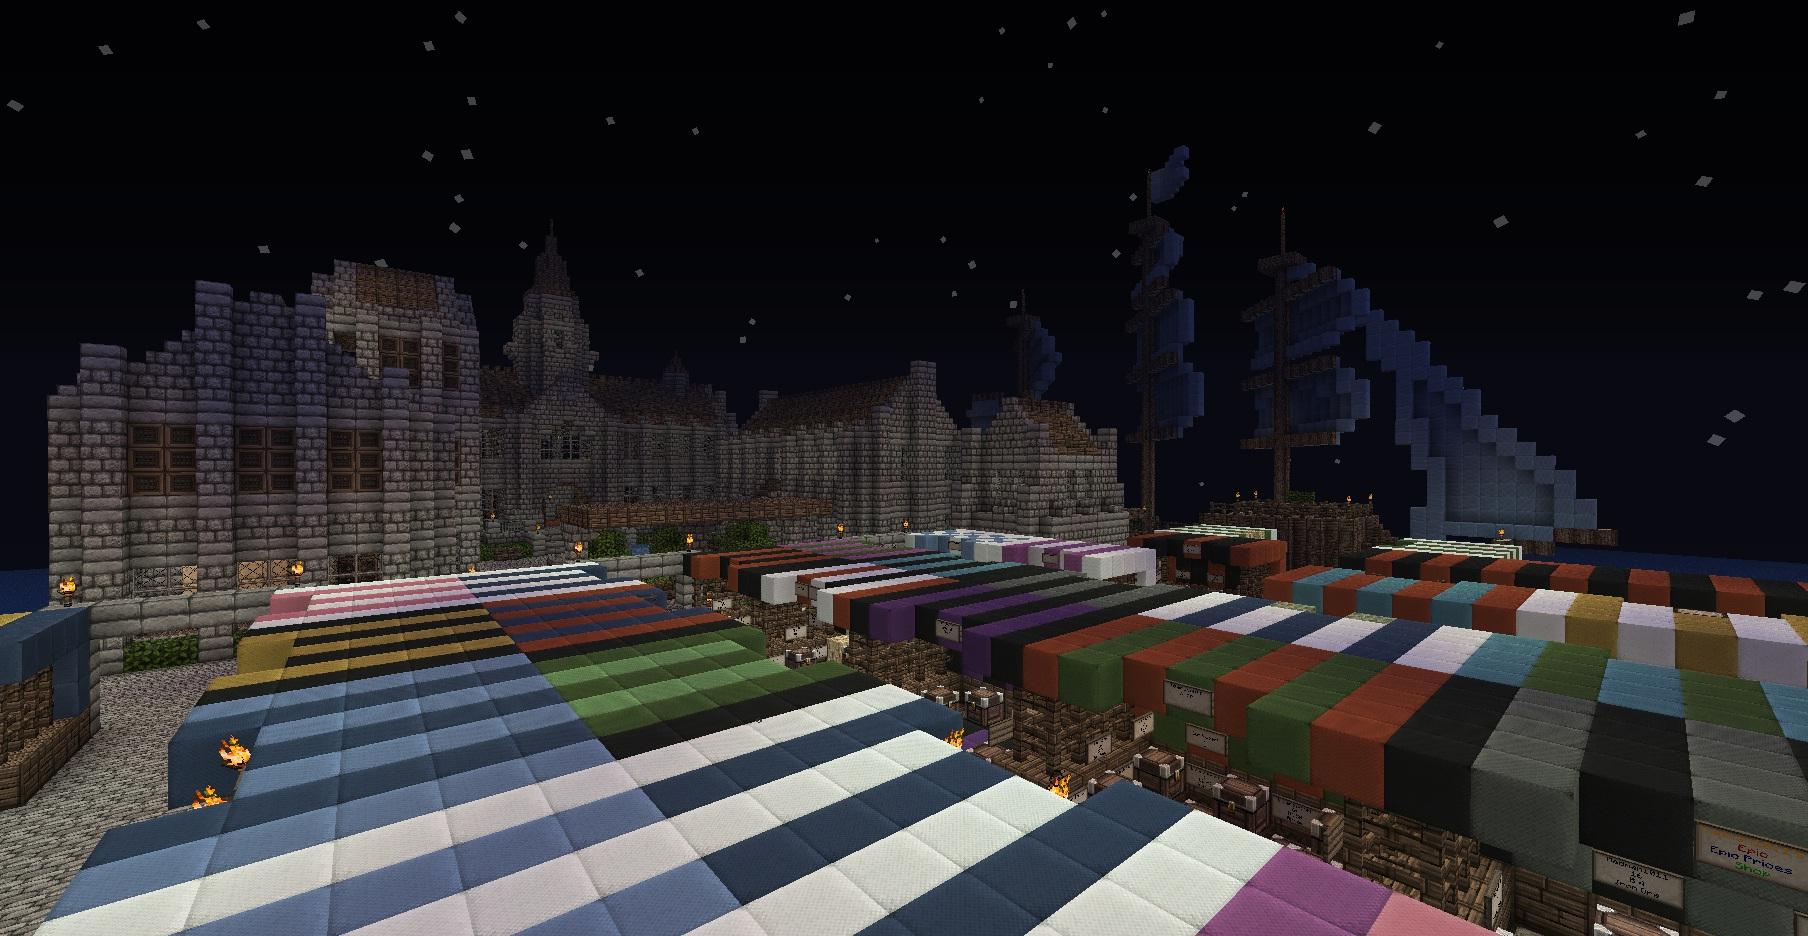 Prospera by Night